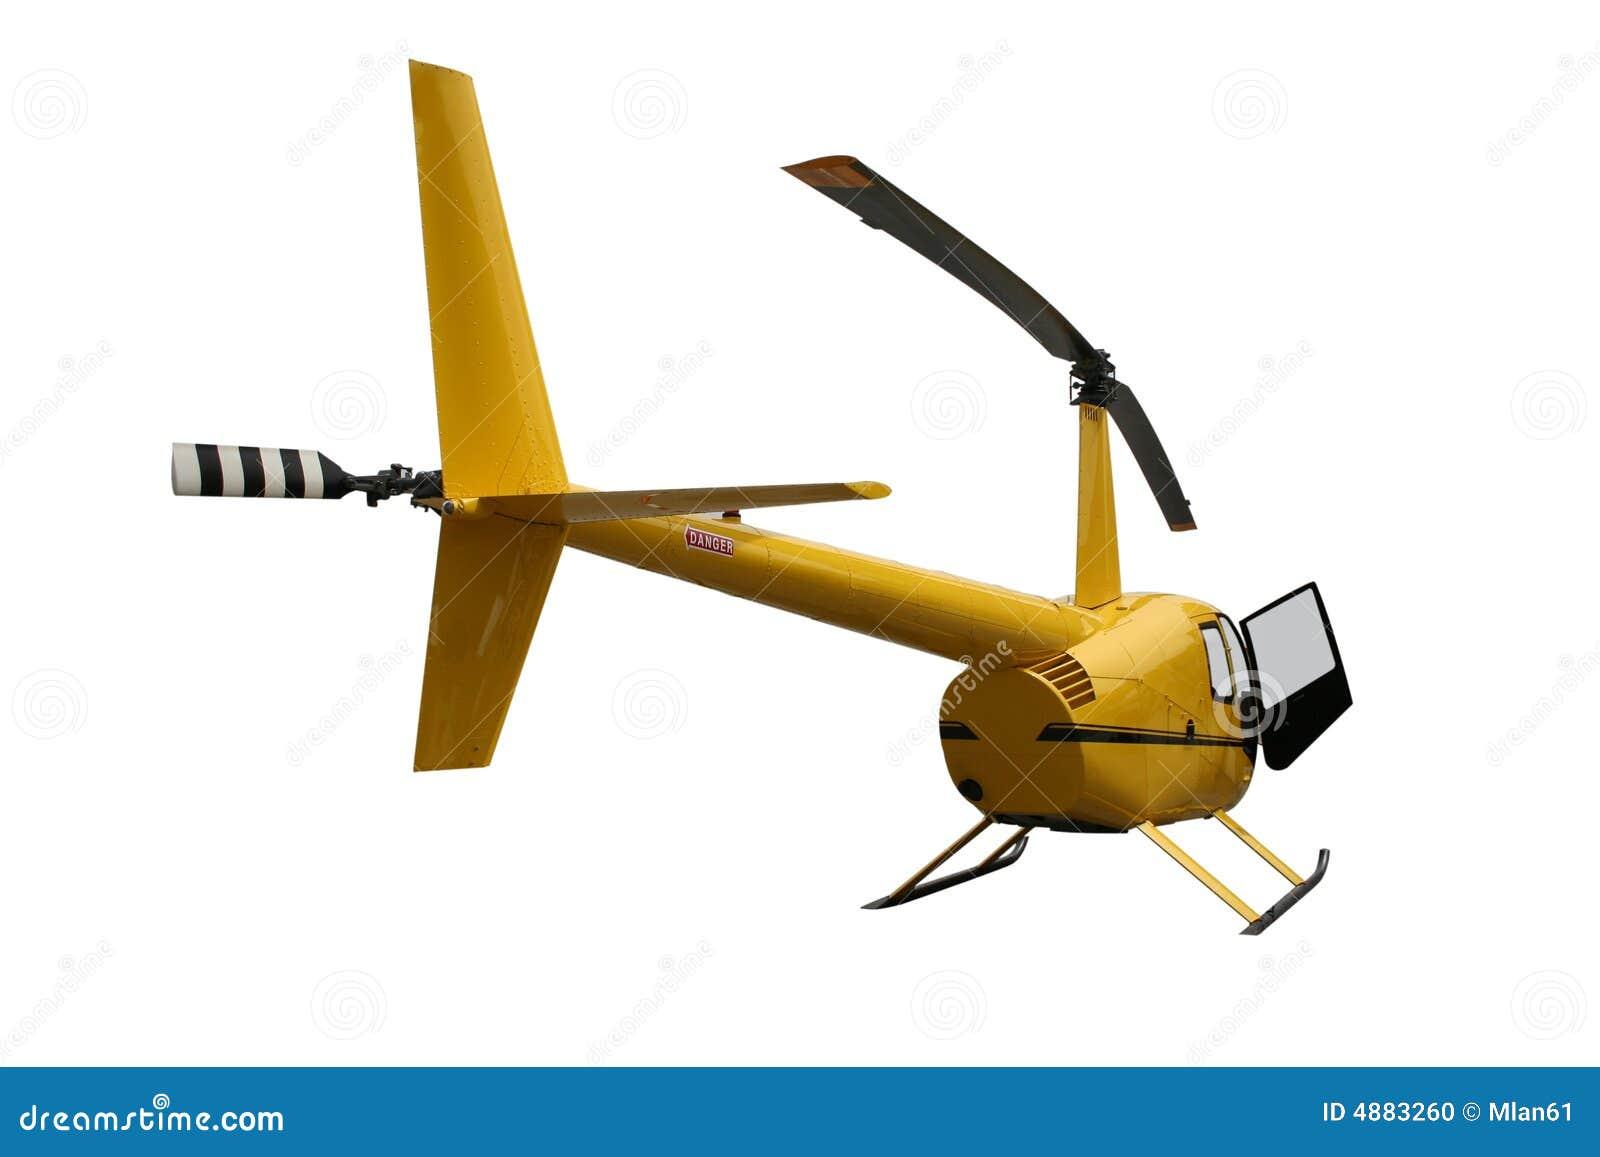 Elicottero Giallo : Elicottero giallo fotografia stock immagine di grafico